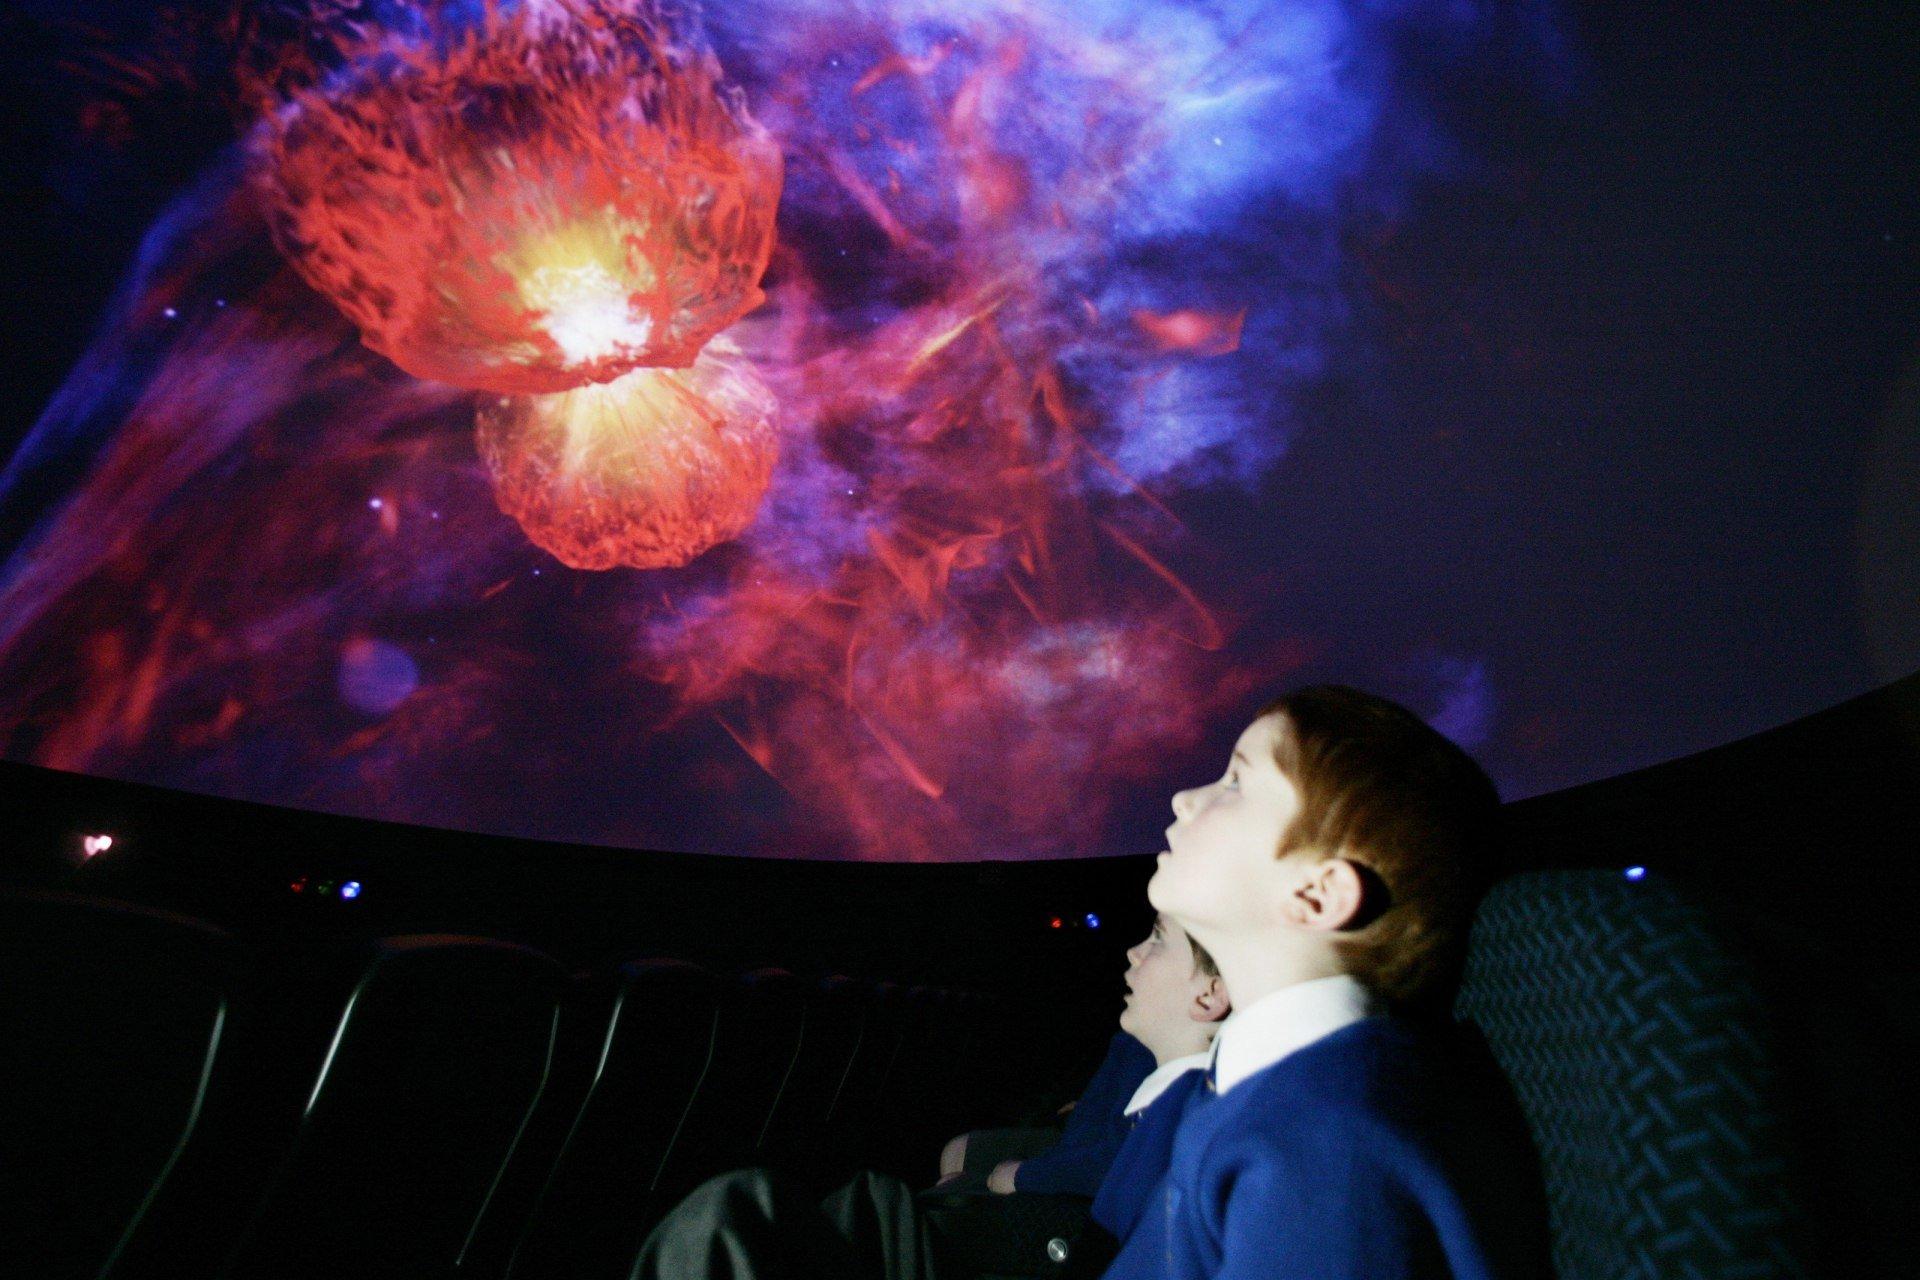 Мобильный планетарий открыли настанции метро «Выставочная»